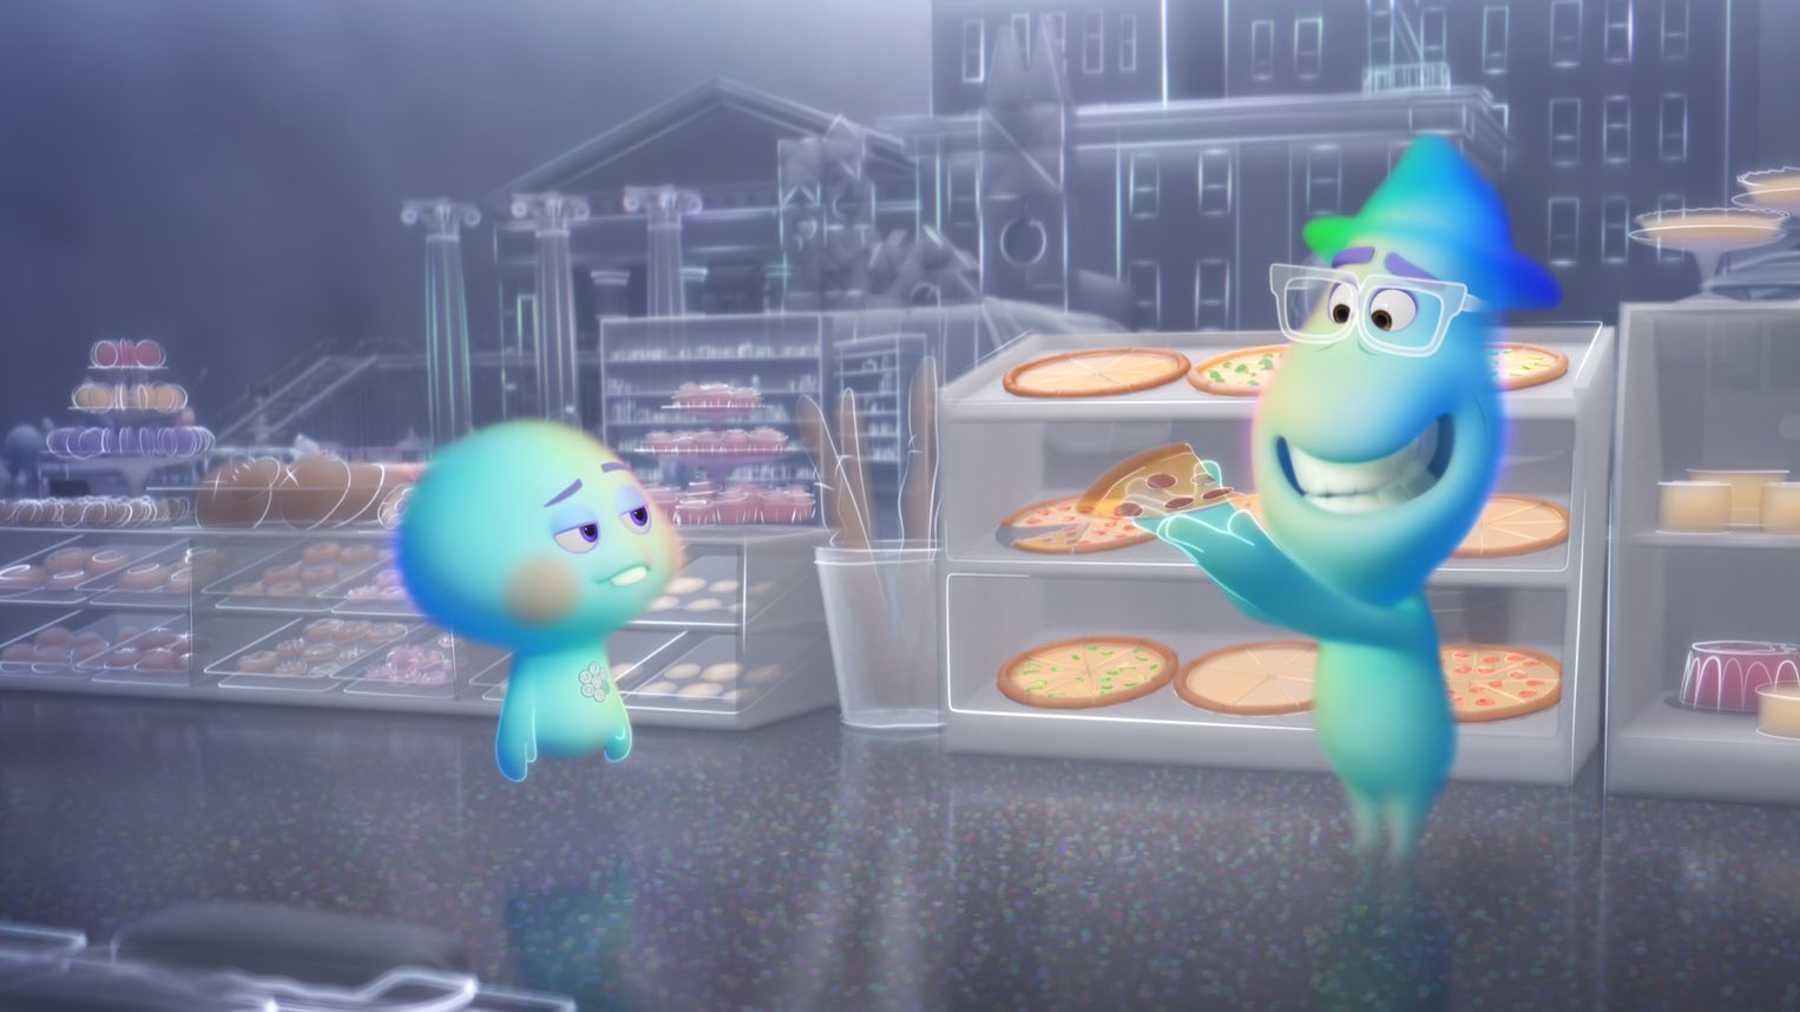 Joe Gardner em sua forma astral, segurando um pedaço de pizza quase transparente, e mostrando a 22. Joe demonstra alegria em apresentar a pizza para 22, que se mostra desinteressada. Ao fundo, diversas vitrines de comidas, todas quase transparentes.